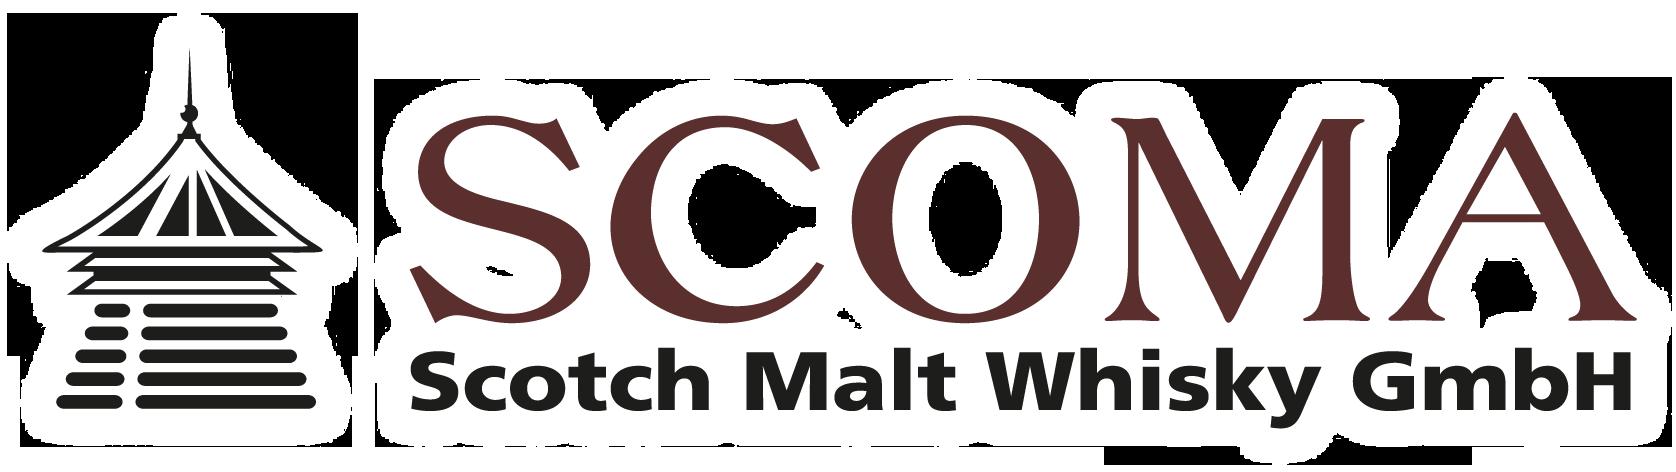 Onlineshop: SCOMA - Scotch Malt Whisky GmbH. Der erste Whiskey Versandhandel Deutschlands.